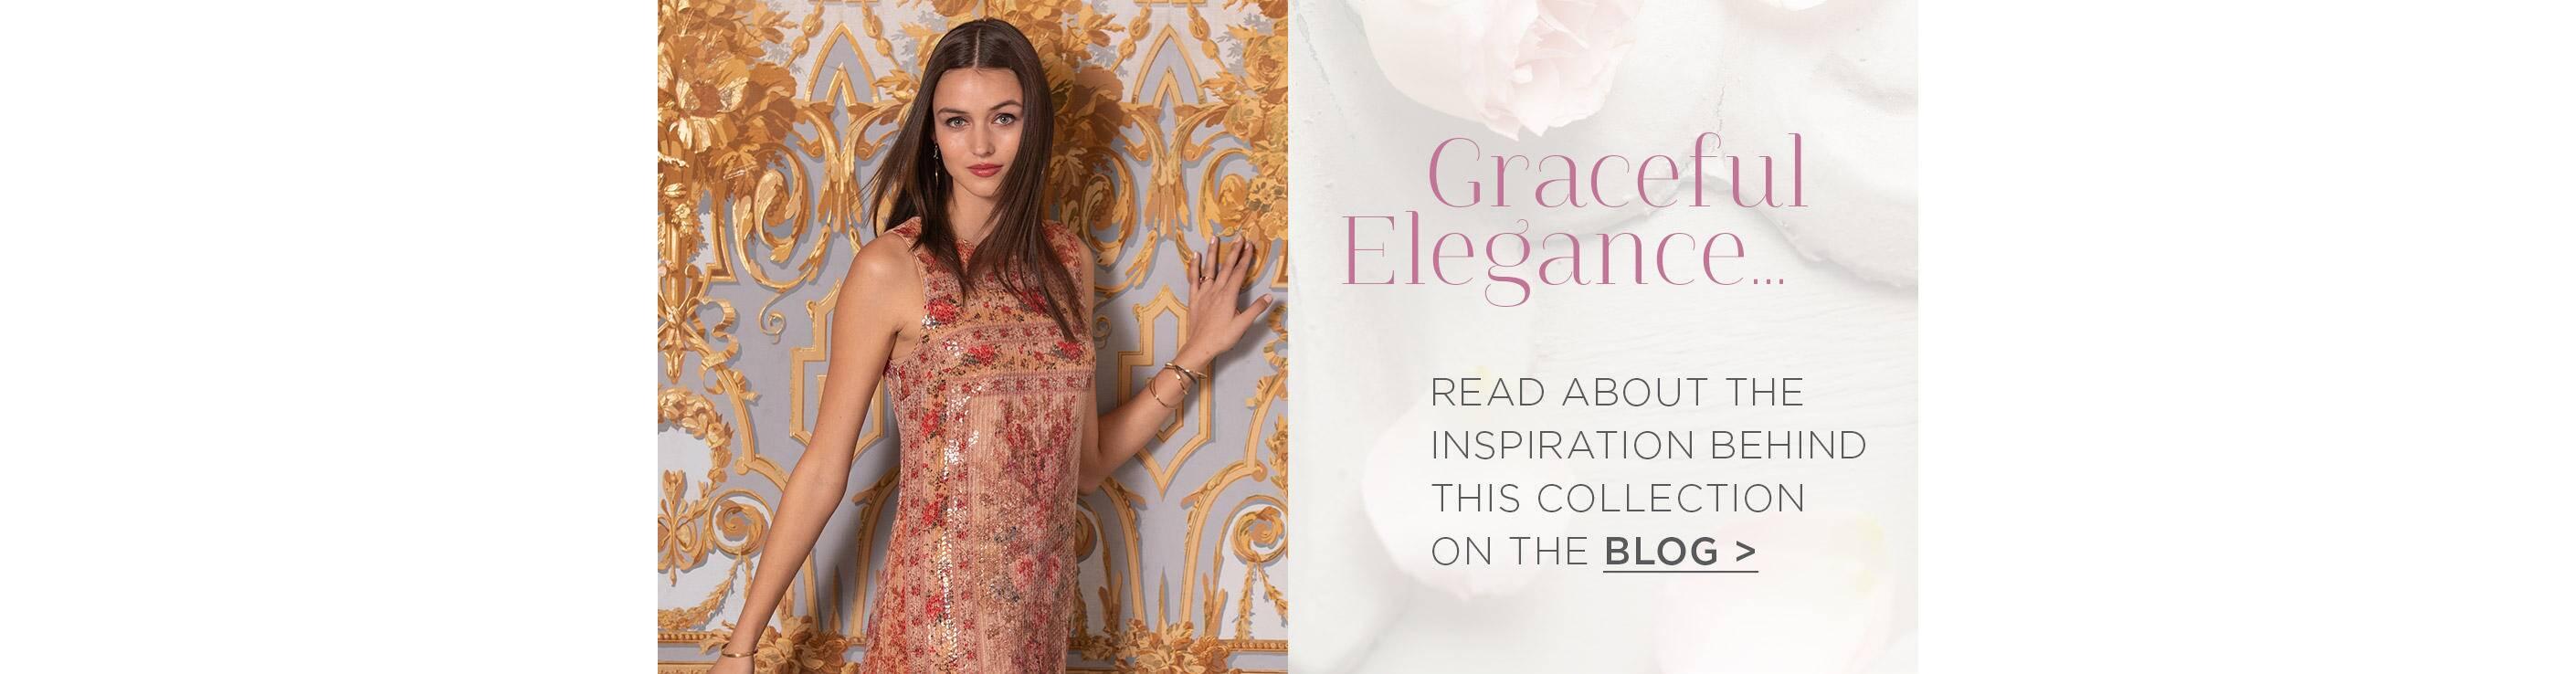 Graceful Elegance Blog